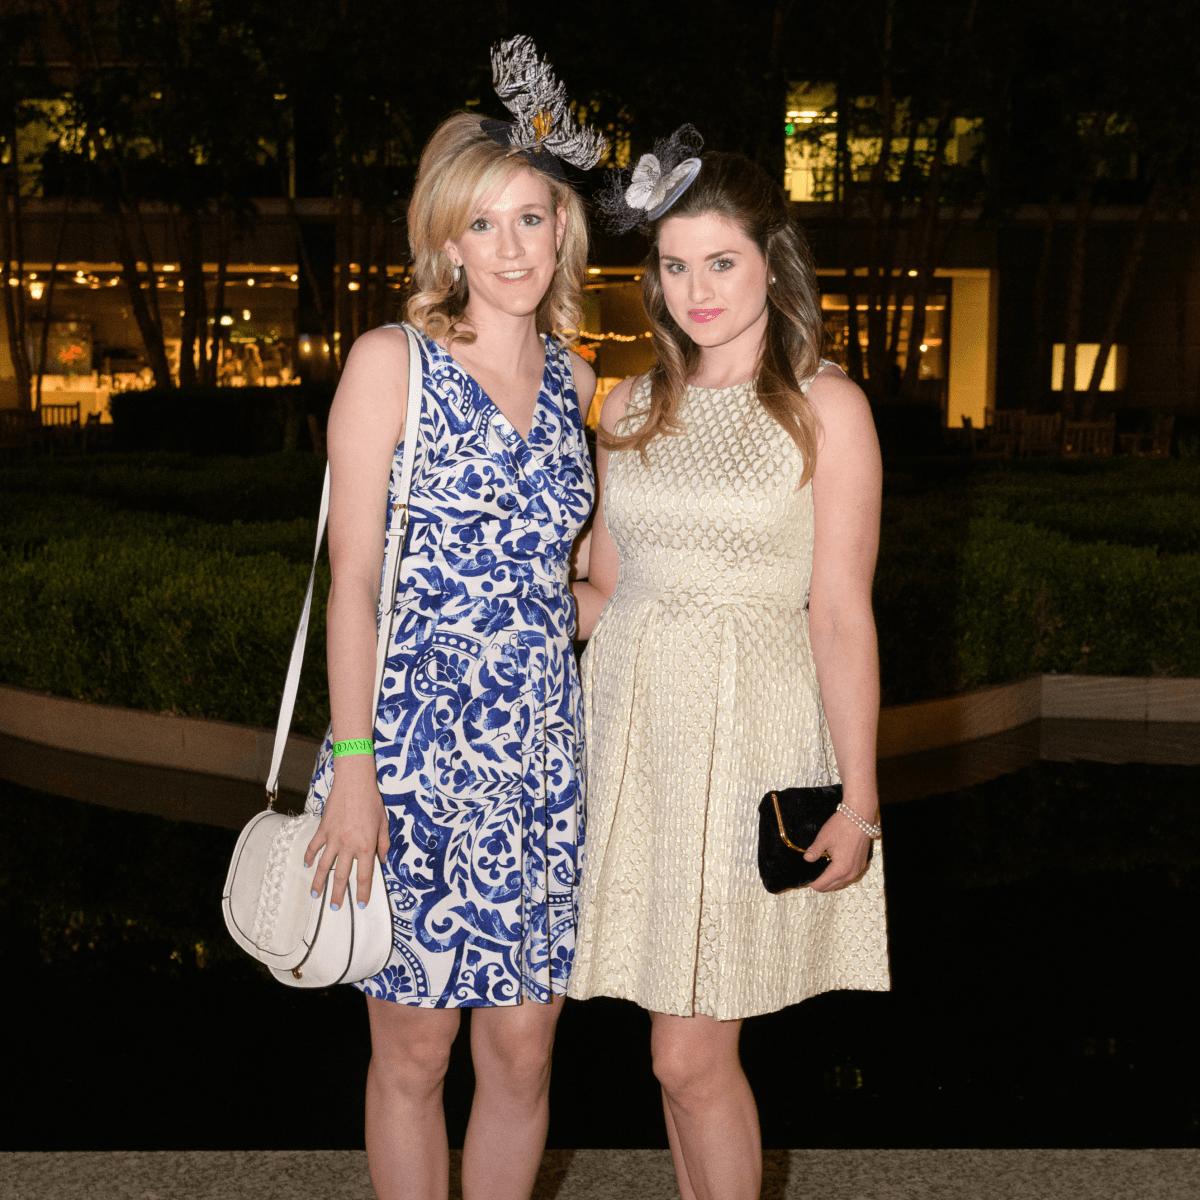 Melanie Wilcox, Kristen Barton